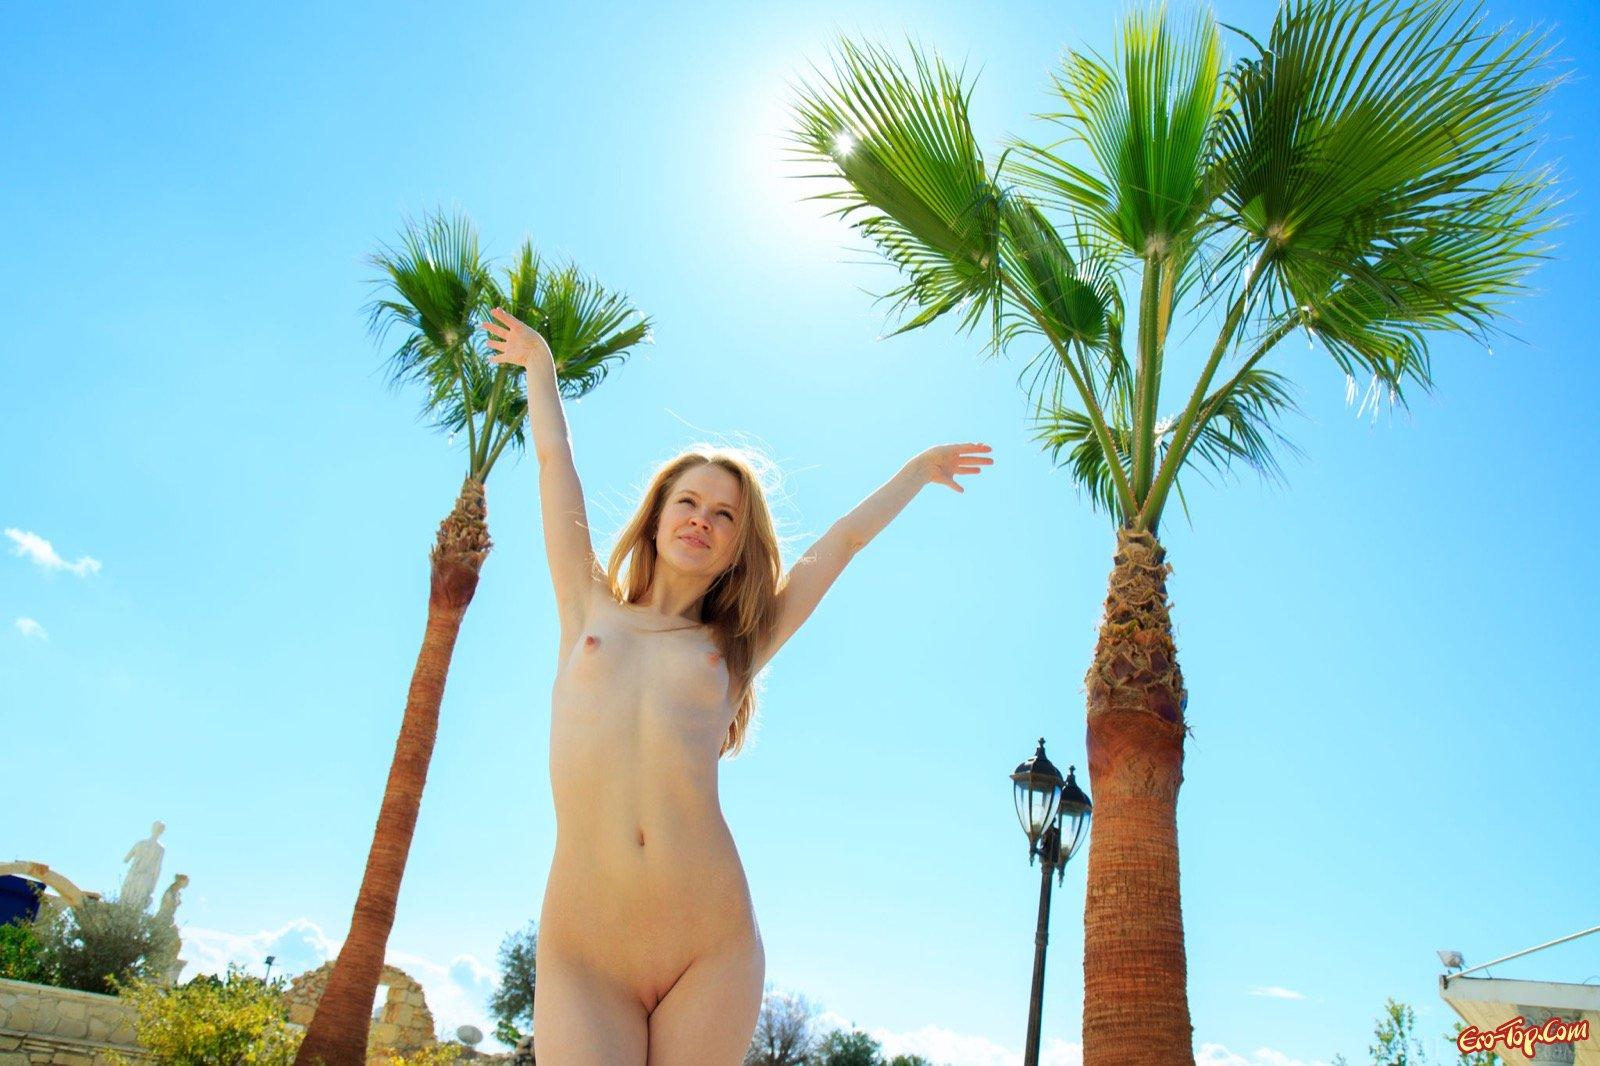 Баба оголяется в общественном месте демонстрируя голые сиськи